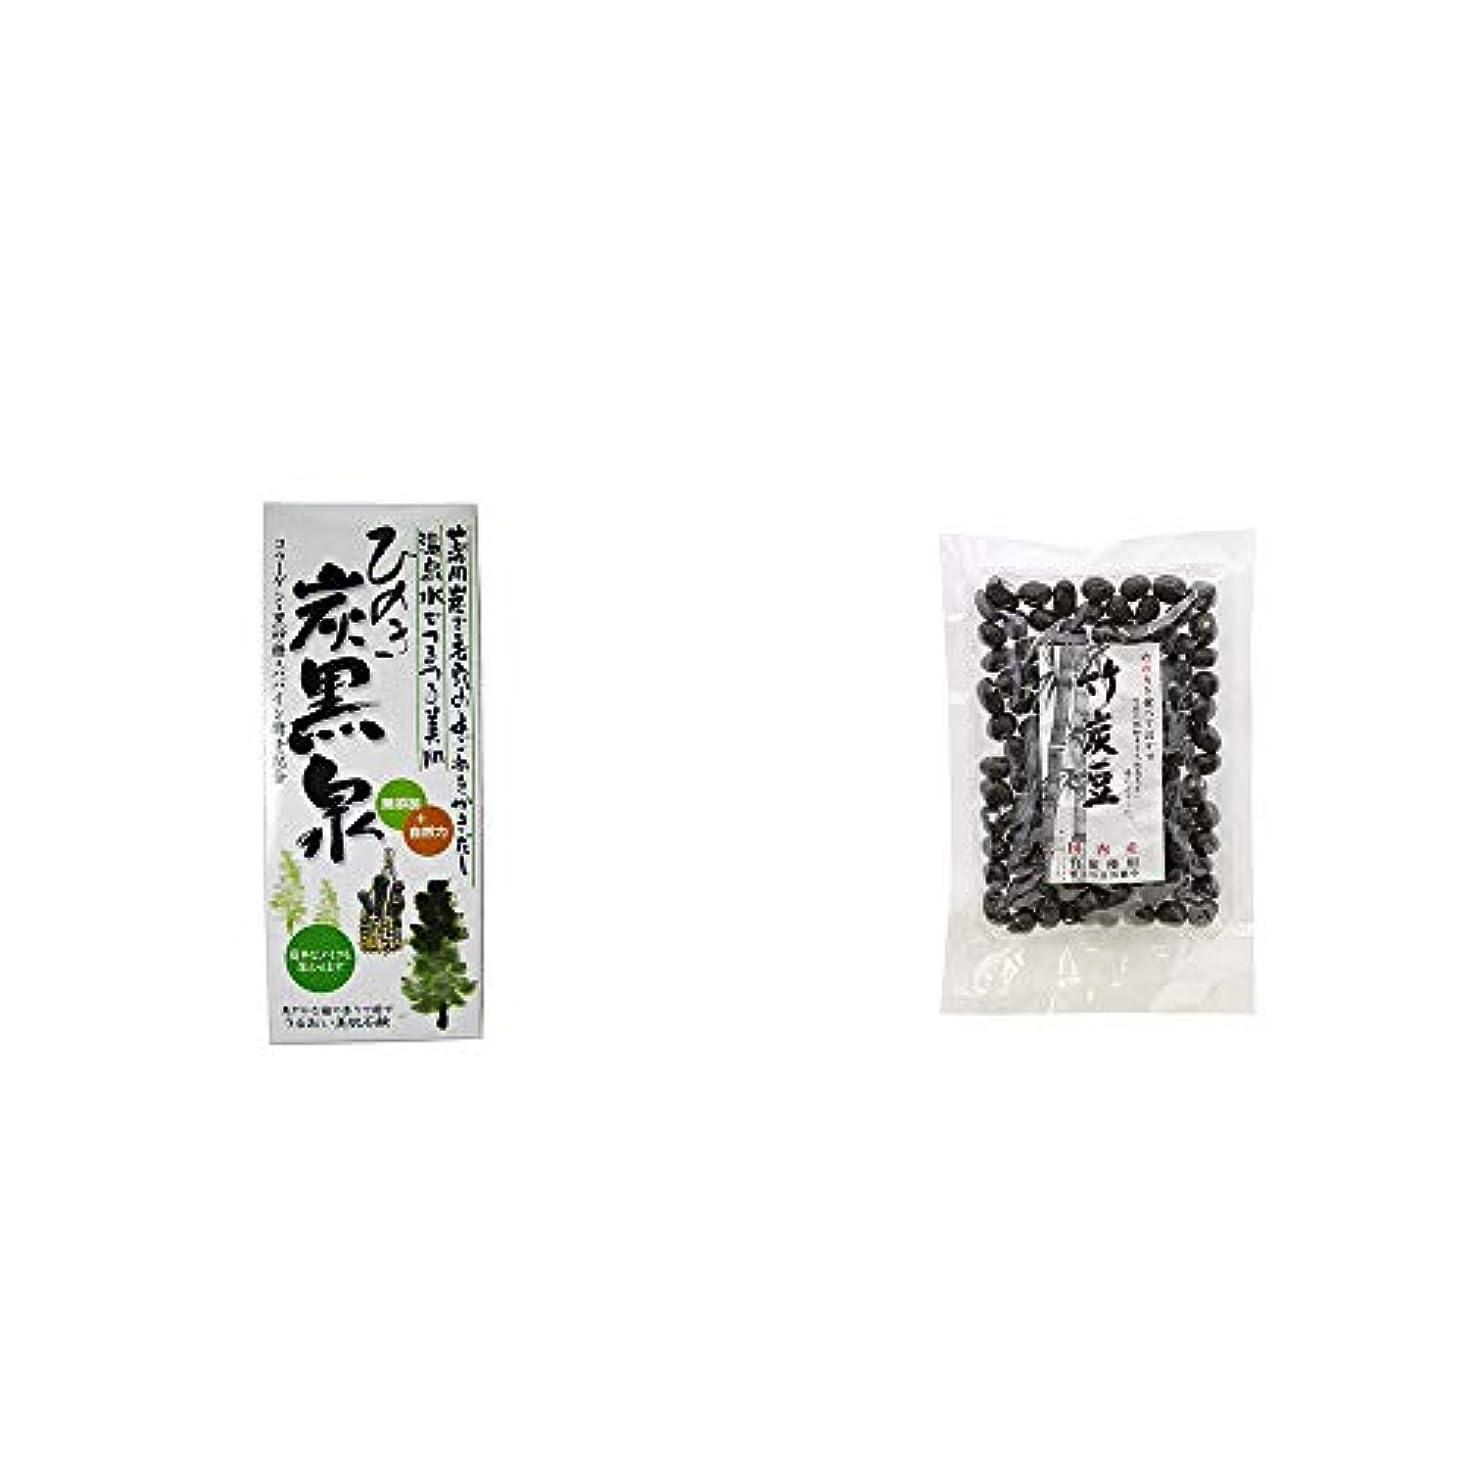 酸寺院造船[2点セット] ひのき炭黒泉 箱入り(75g×3)?国内産 竹炭使用 竹炭豆(160g)